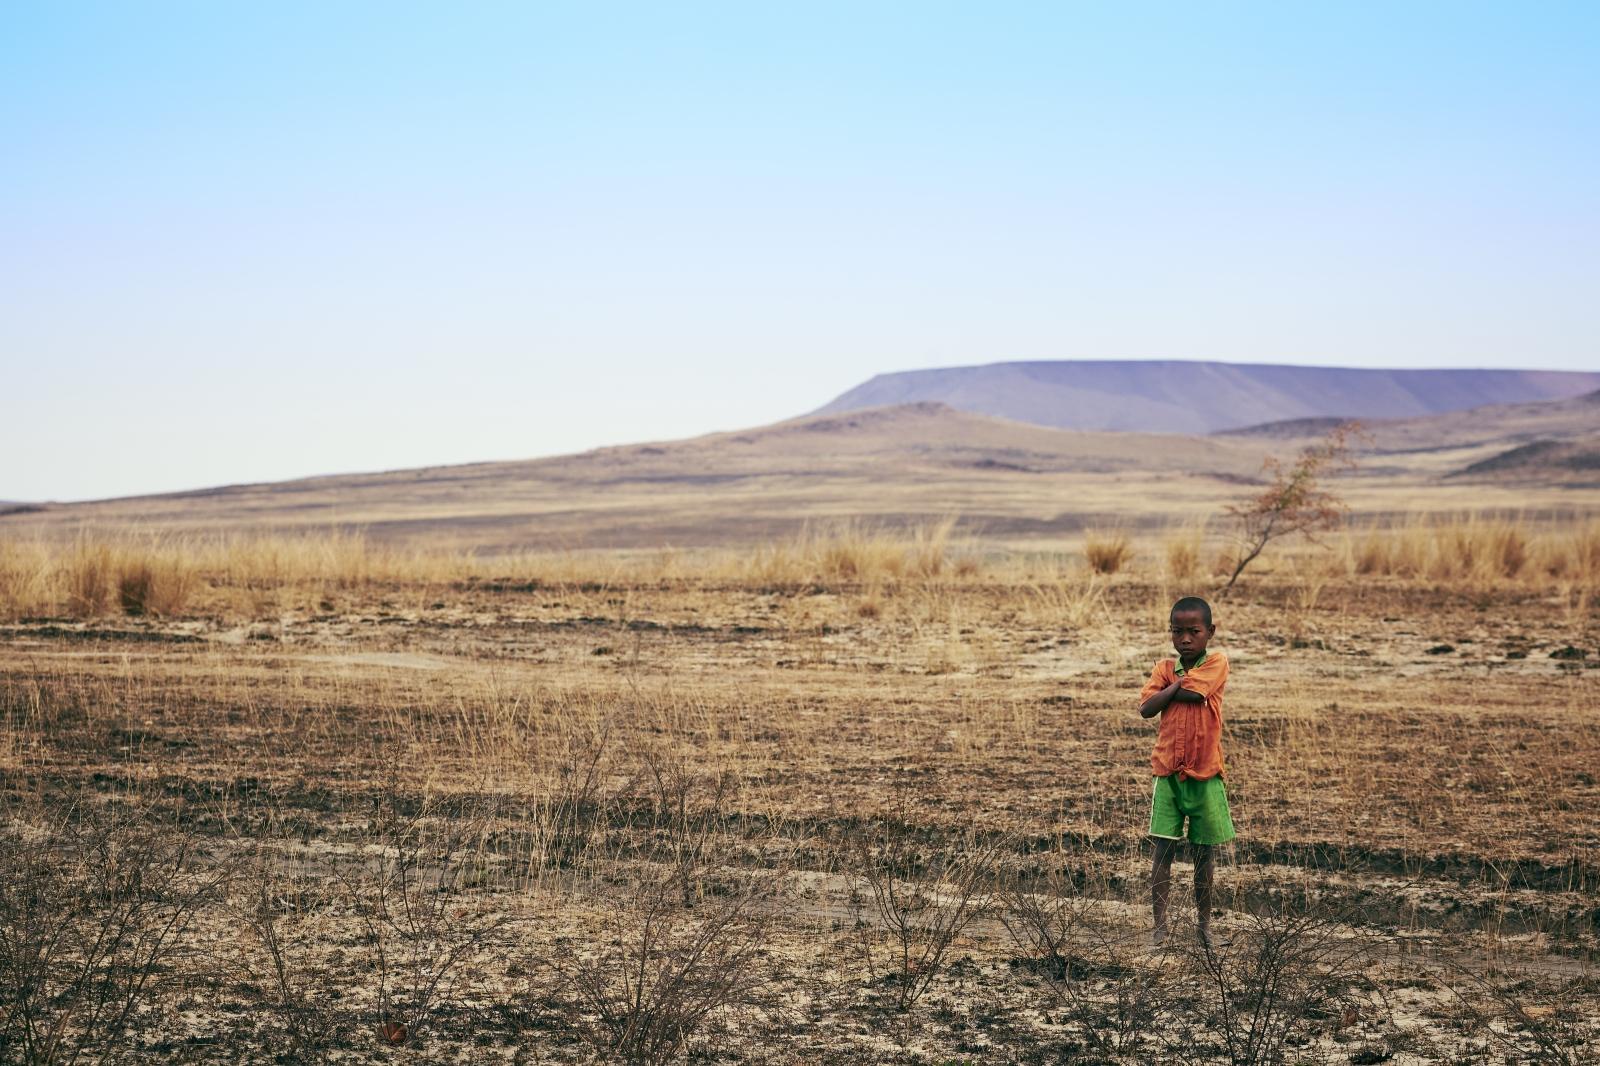 Photography image - Loading Madagascar00016.jpg